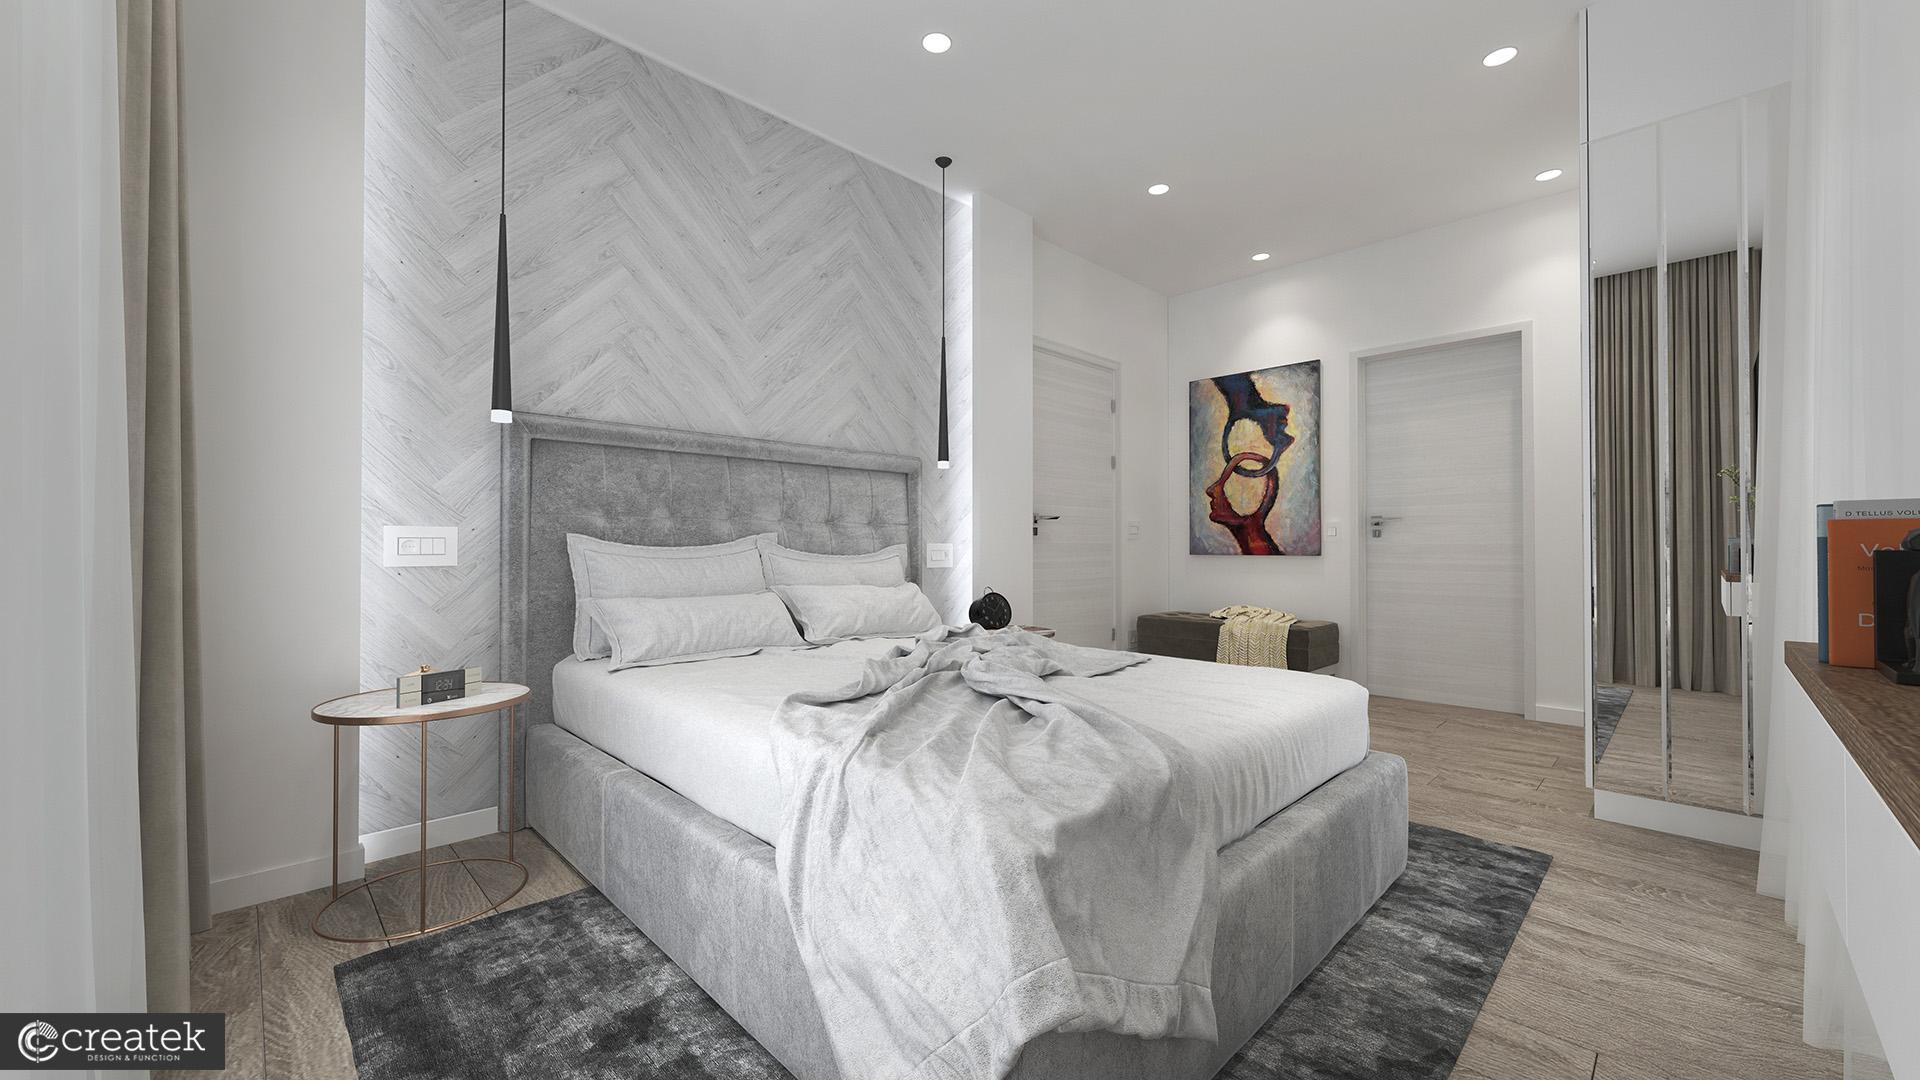 027-Dormitor-Matrimonial-Design-Interior-Casa-Ovidiu-Lac